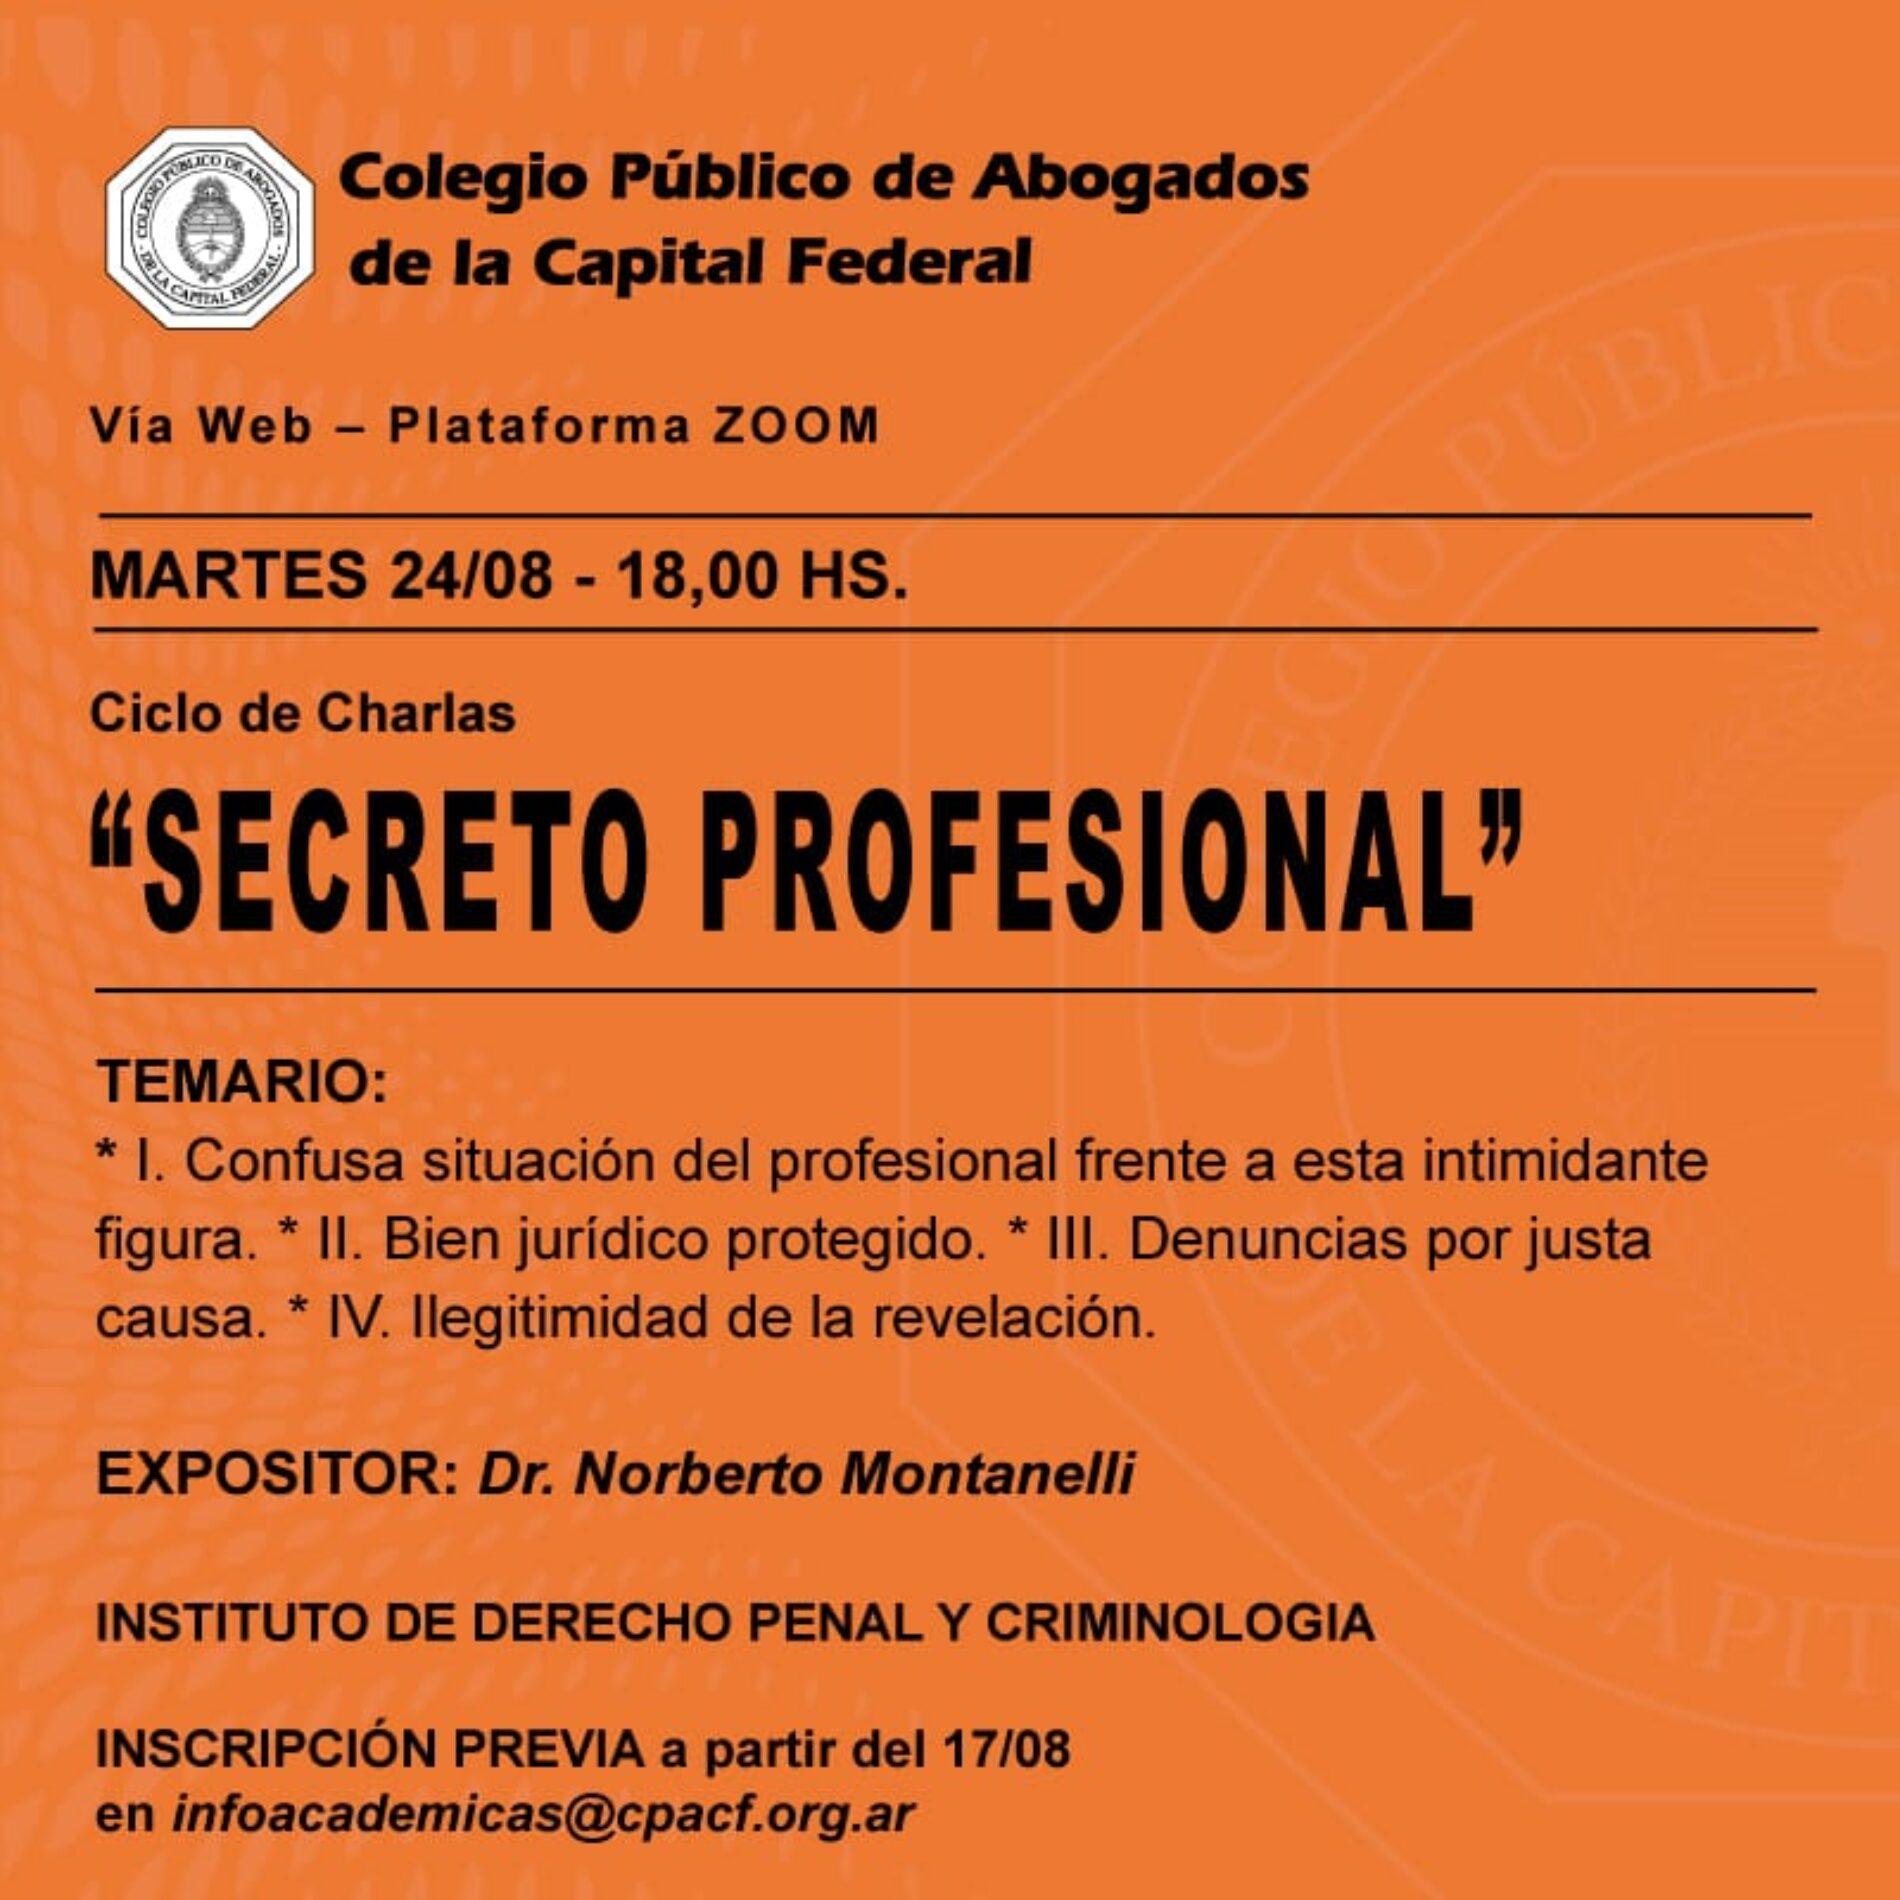 """Ciclo de Charlas """"SECRETO PROFESIONAL"""". Organiza: Instituto de Derecho Penal y Criminología (CPACF)"""